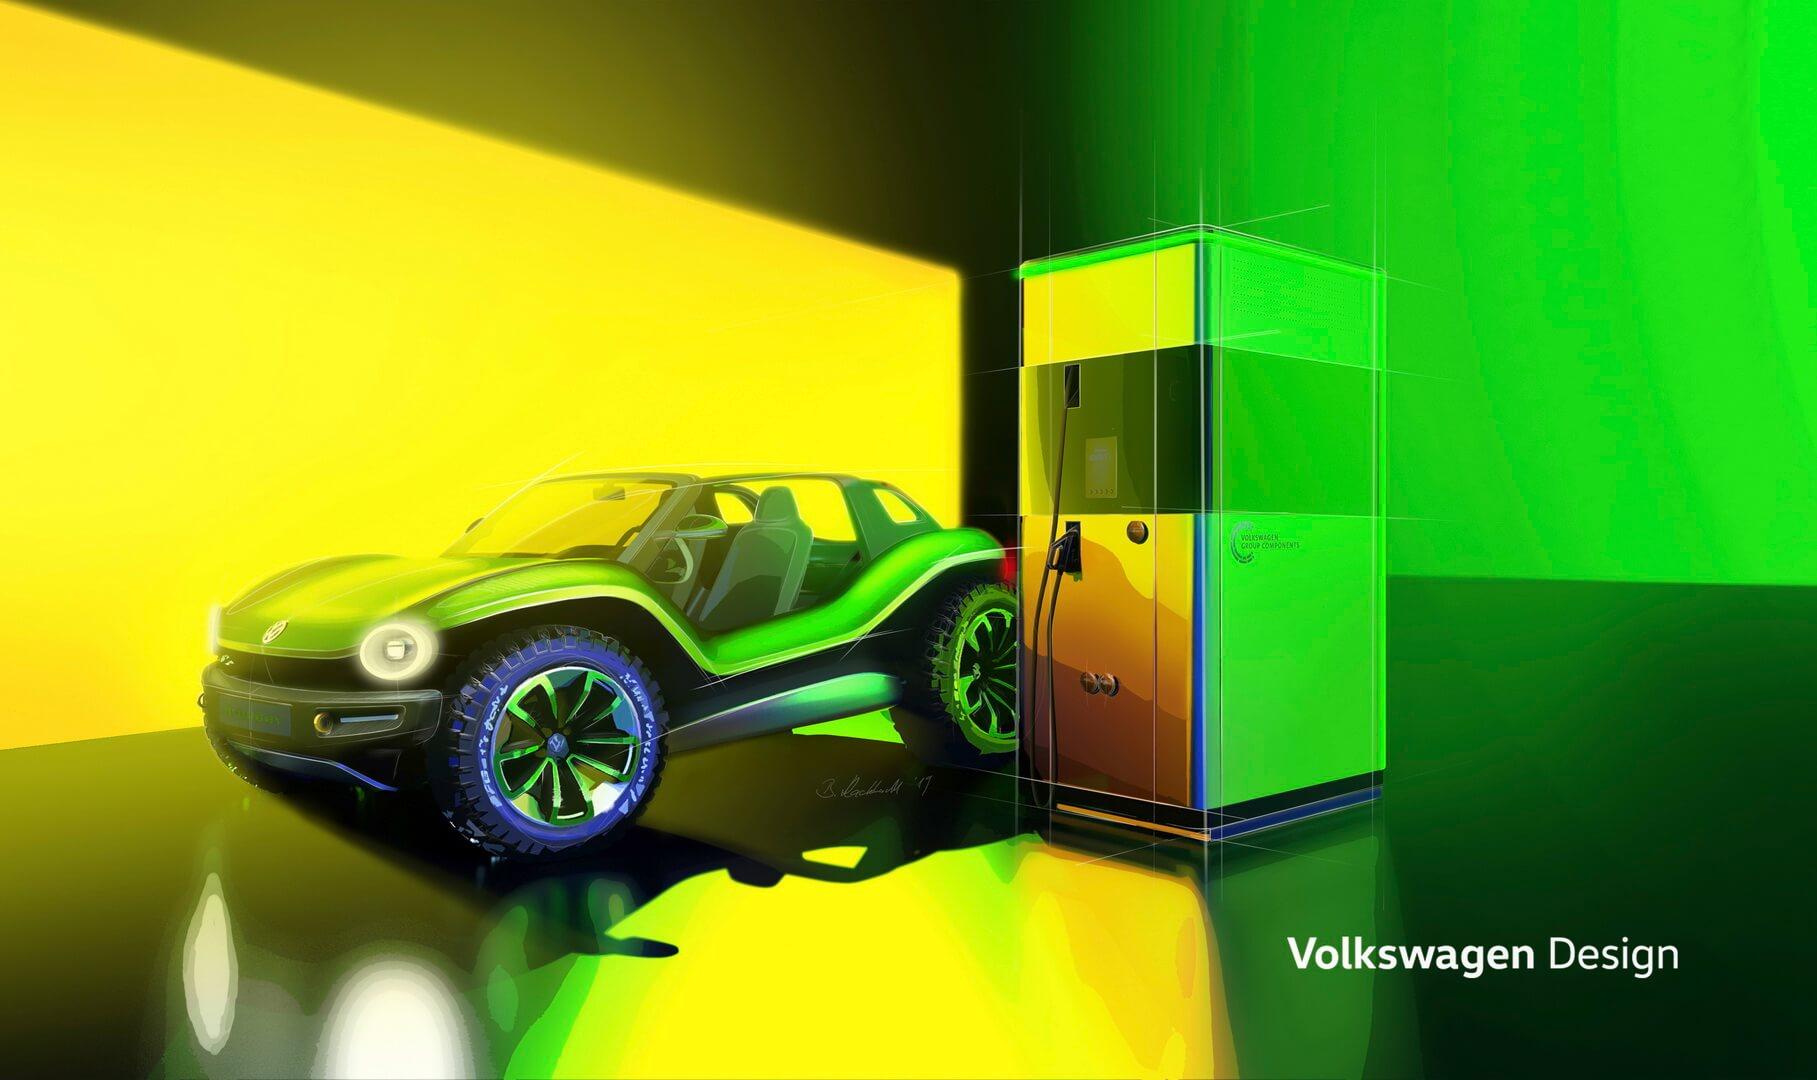 Volkswagen представил мобильную станцию быстрой зарядки электромобилей в Женеве